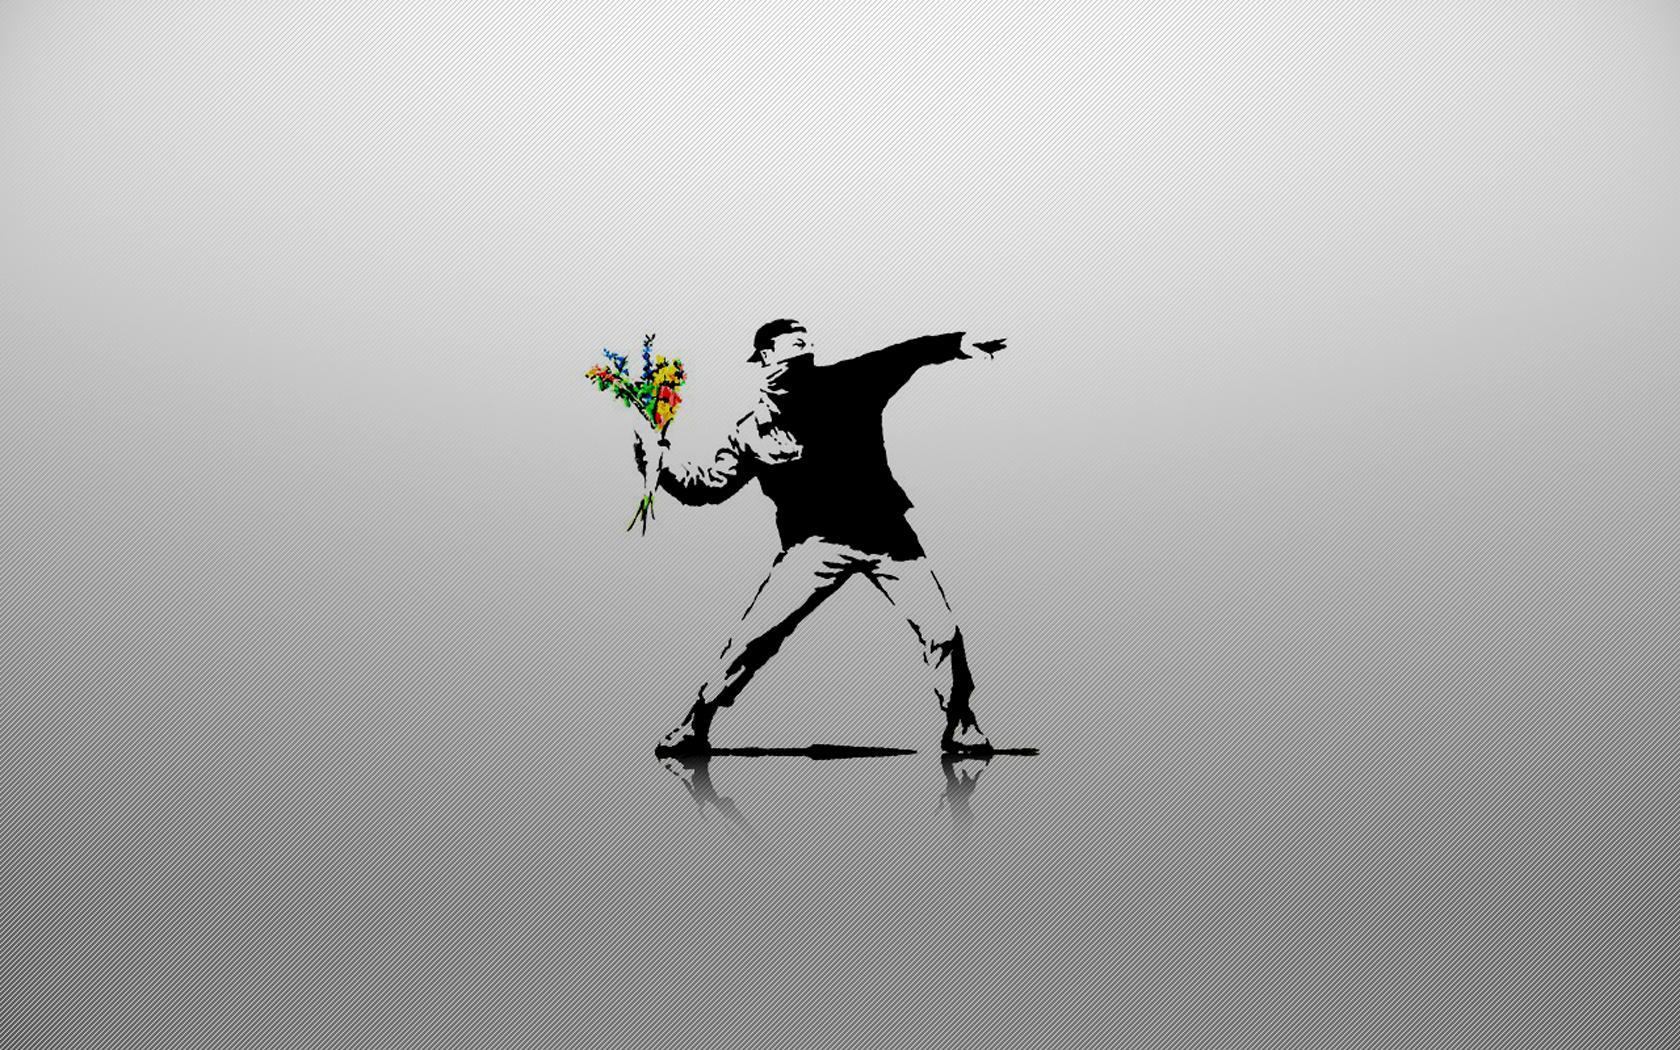 10 Banksy Street Art Pieces in London | WideWalls